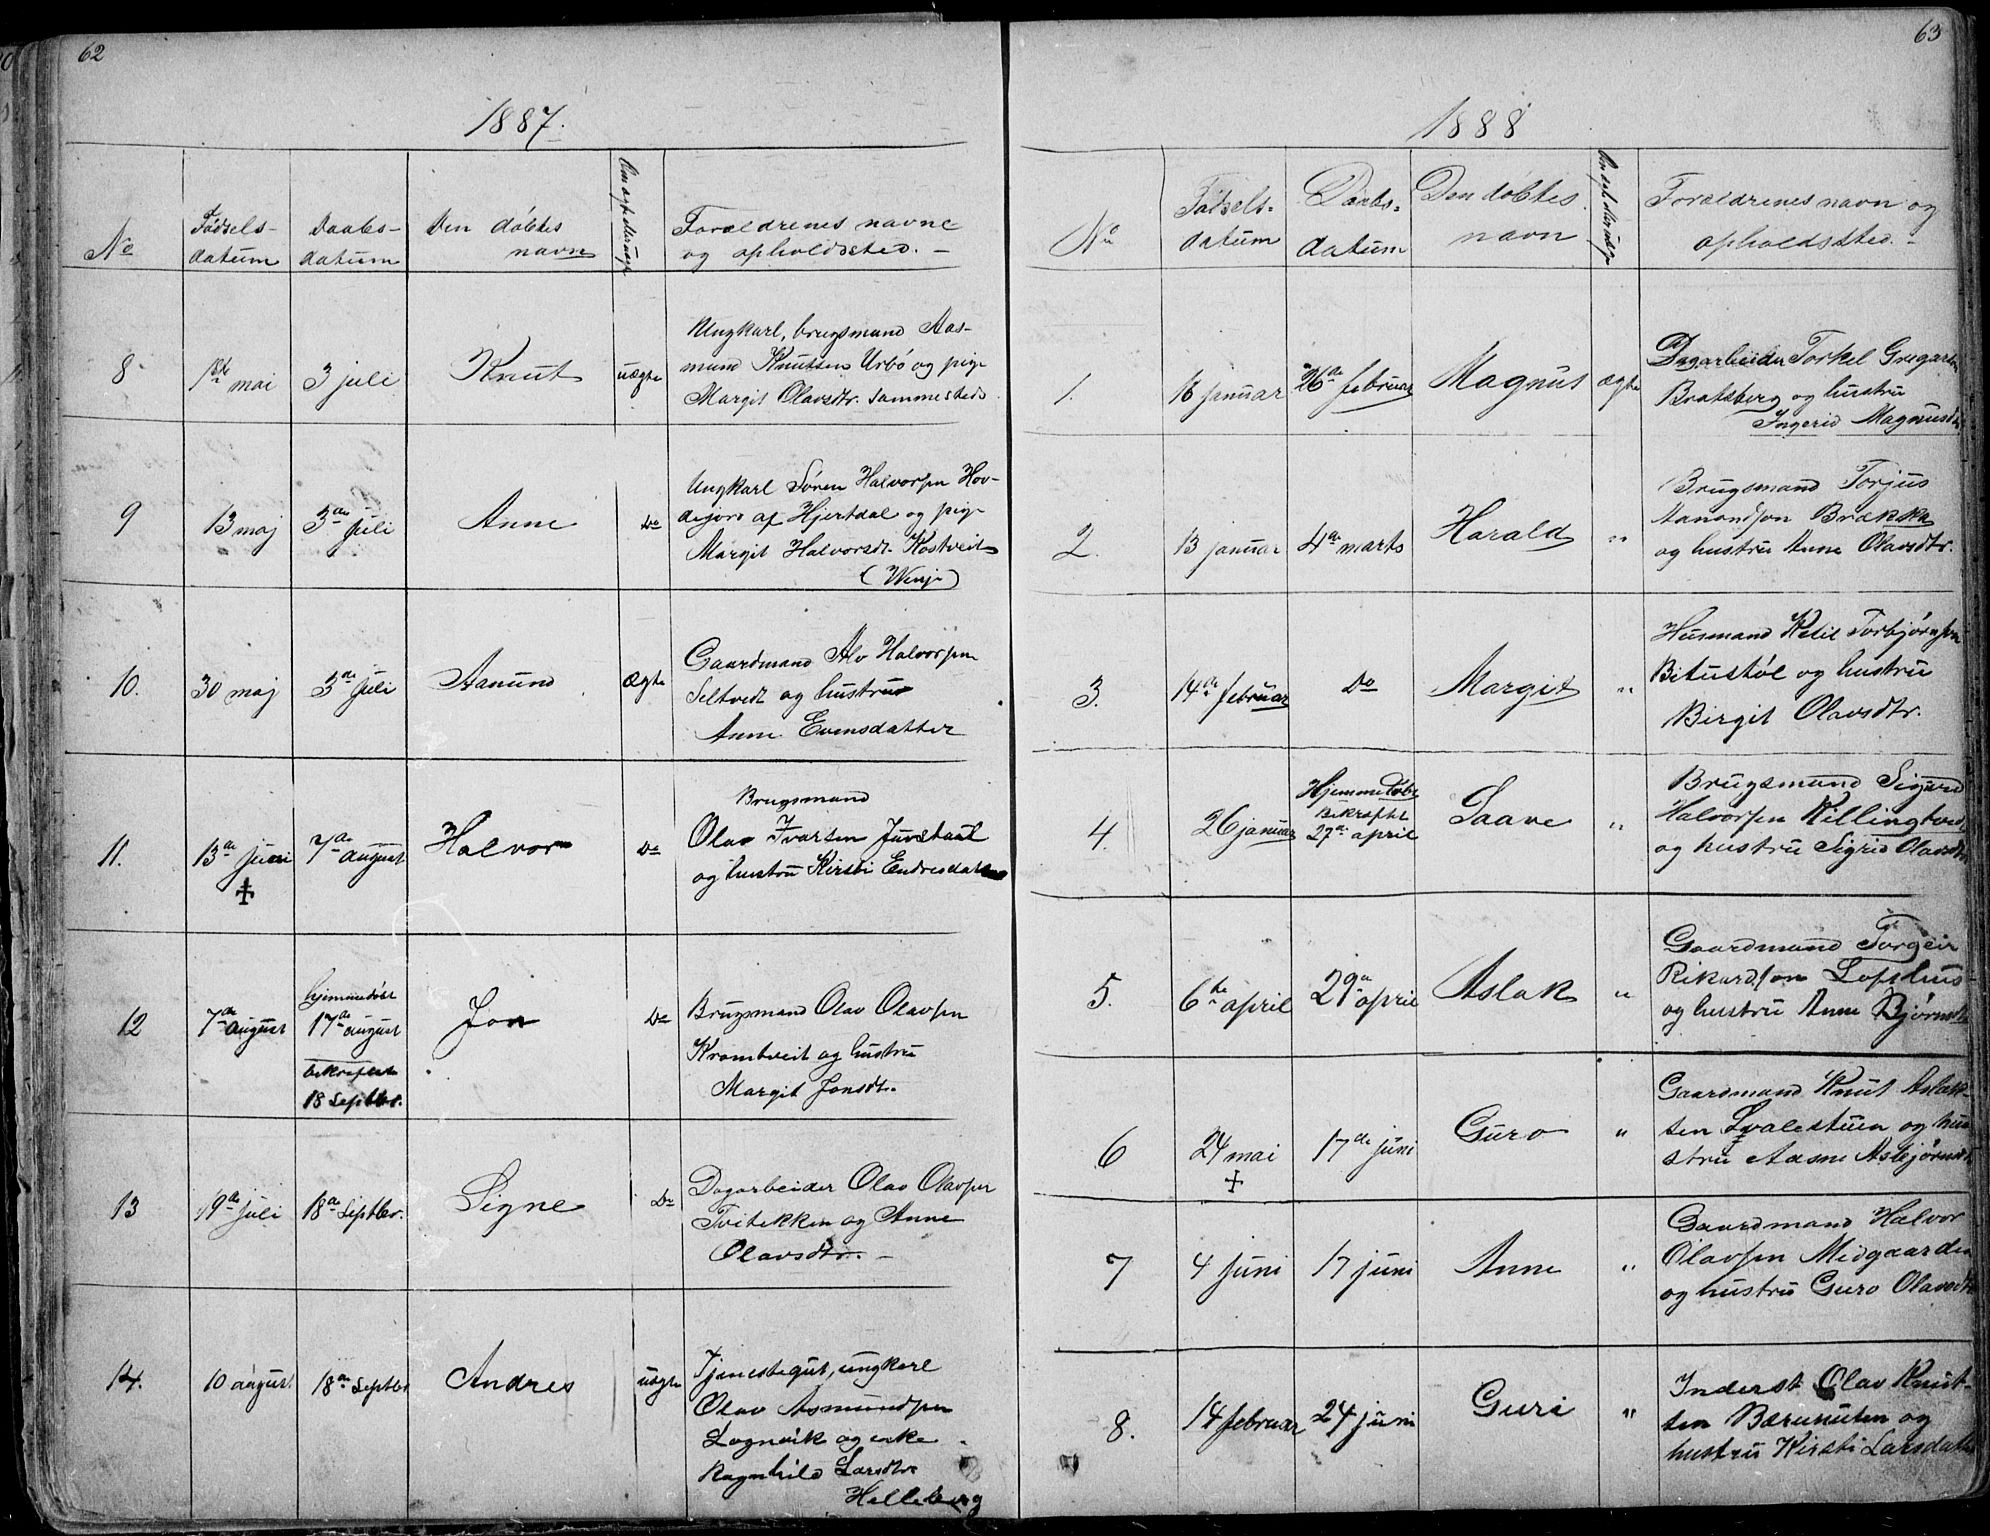 SAKO, Rauland kirkebøker, G/Ga/L0002: Klokkerbok nr. I 2, 1849-1935, s. 62-63